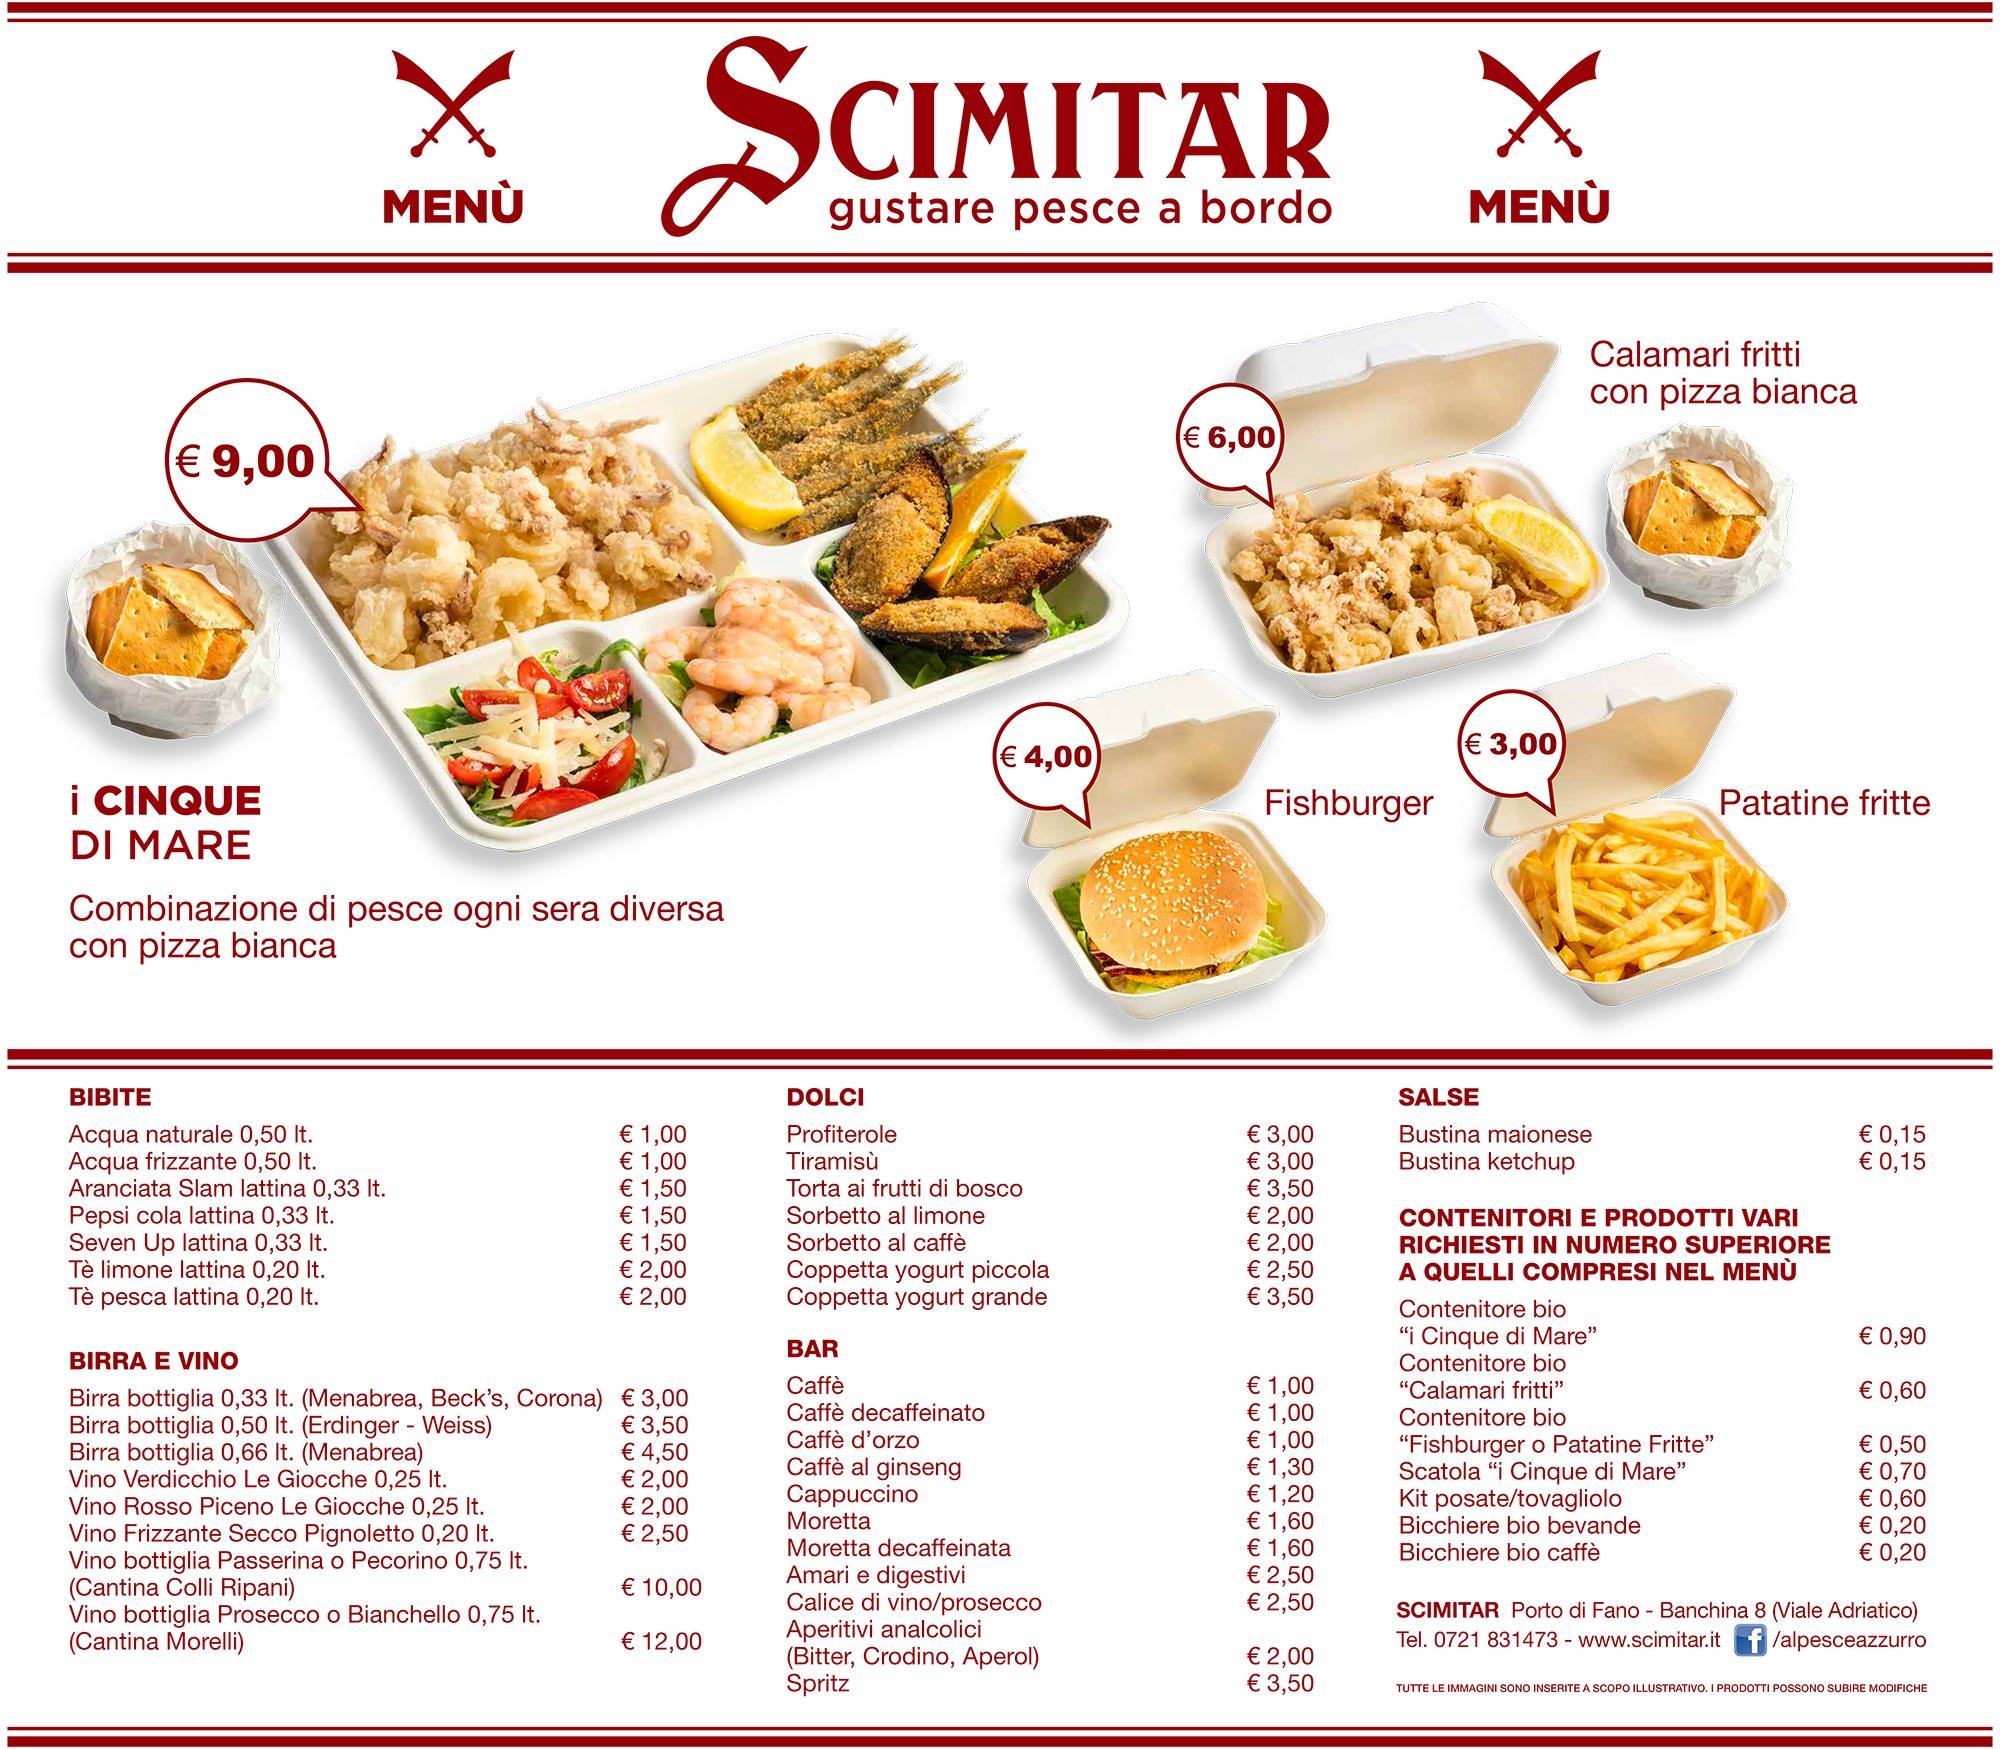 menu-70-x-59